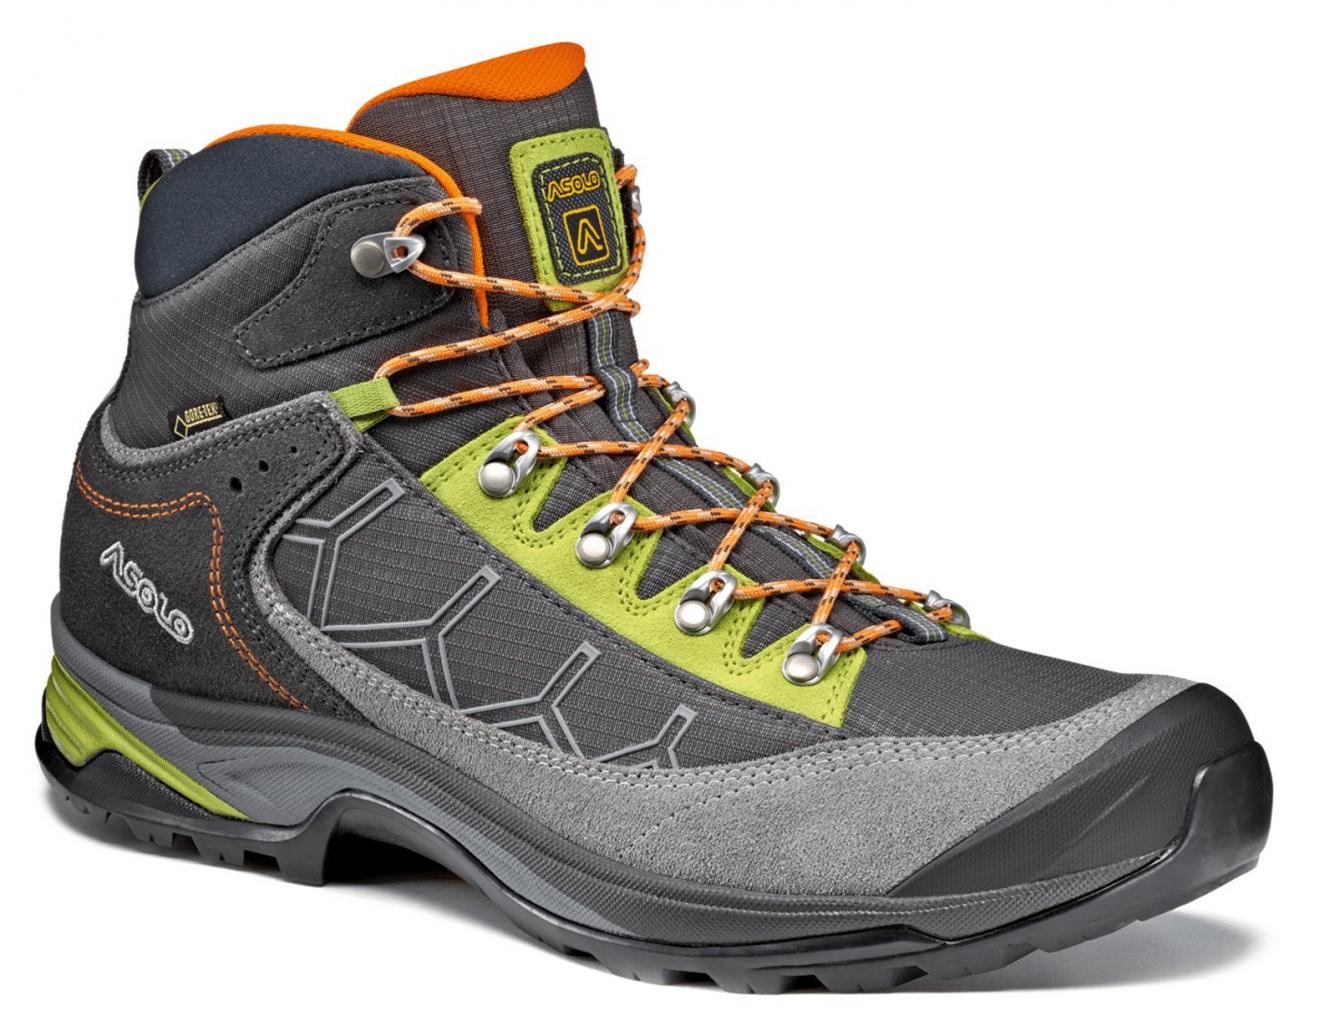 Men's Asolo Falcon GV hiking boot.